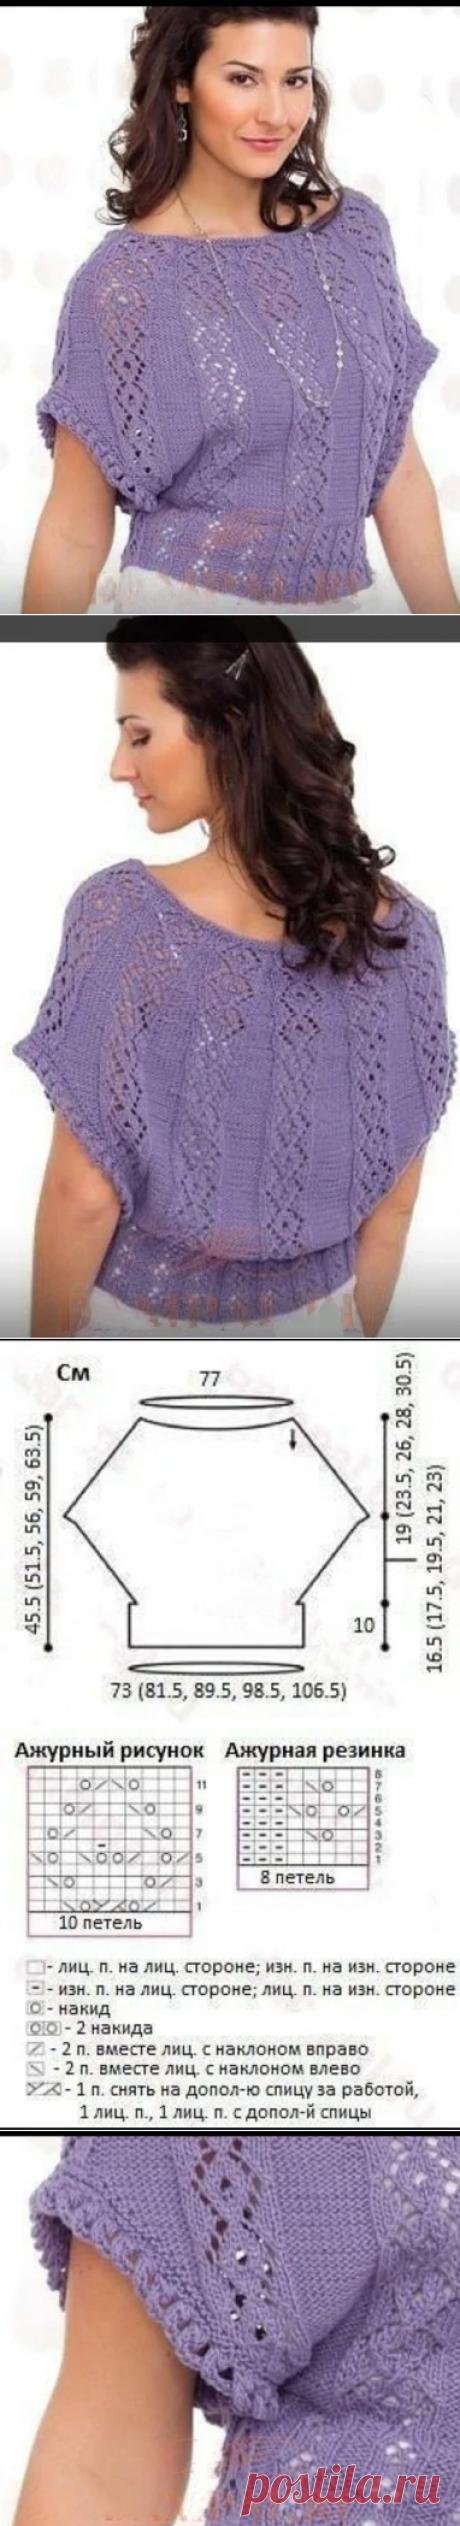 Нарядные кофточки и пуловеры с коротким рукавом   Волшебные спицы   Яндекс Дзен